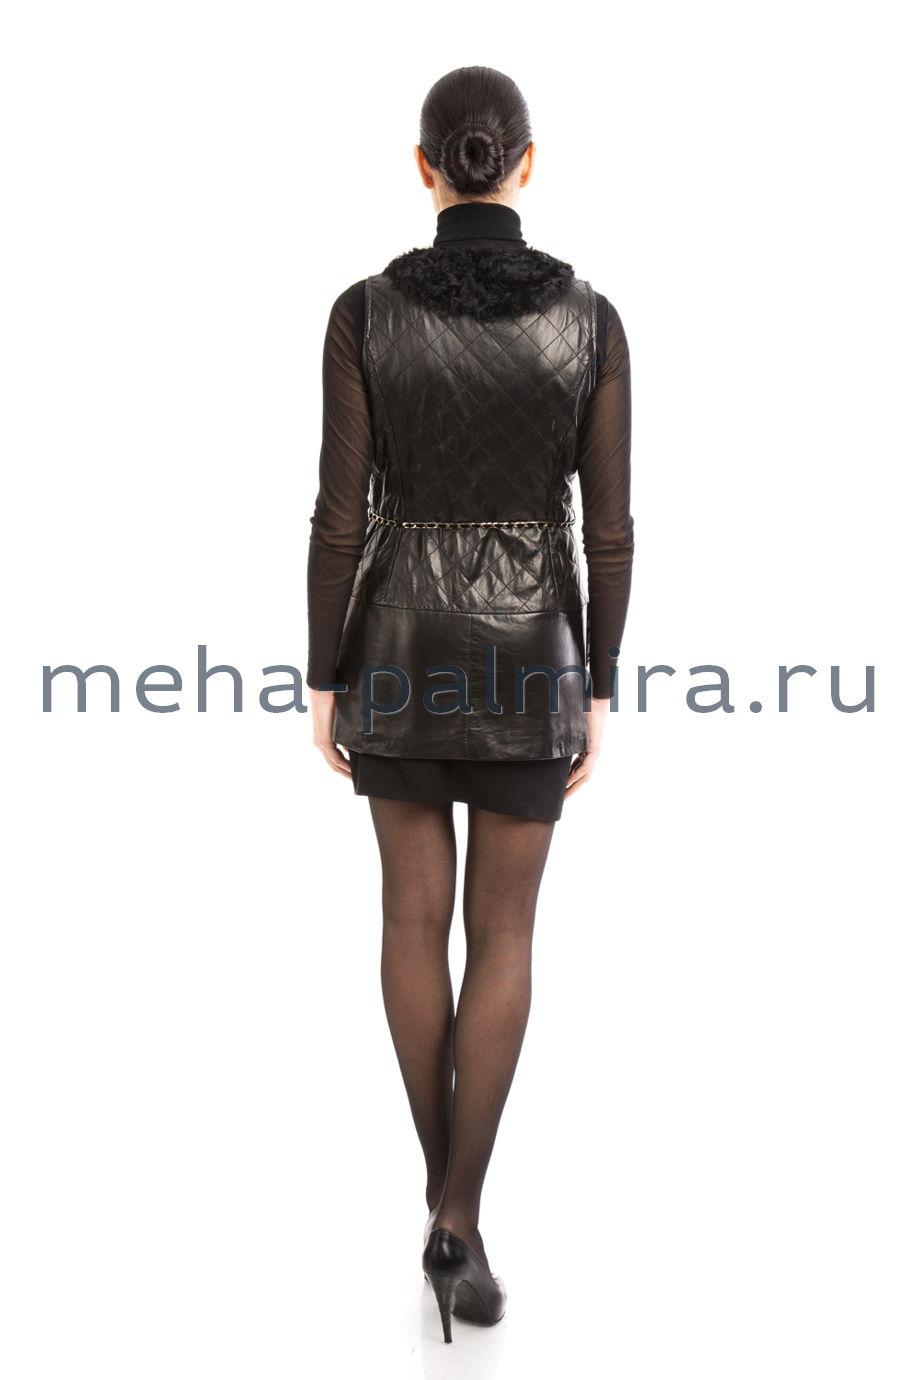 Черный женский жилет из меха козлика и натуральной кожи